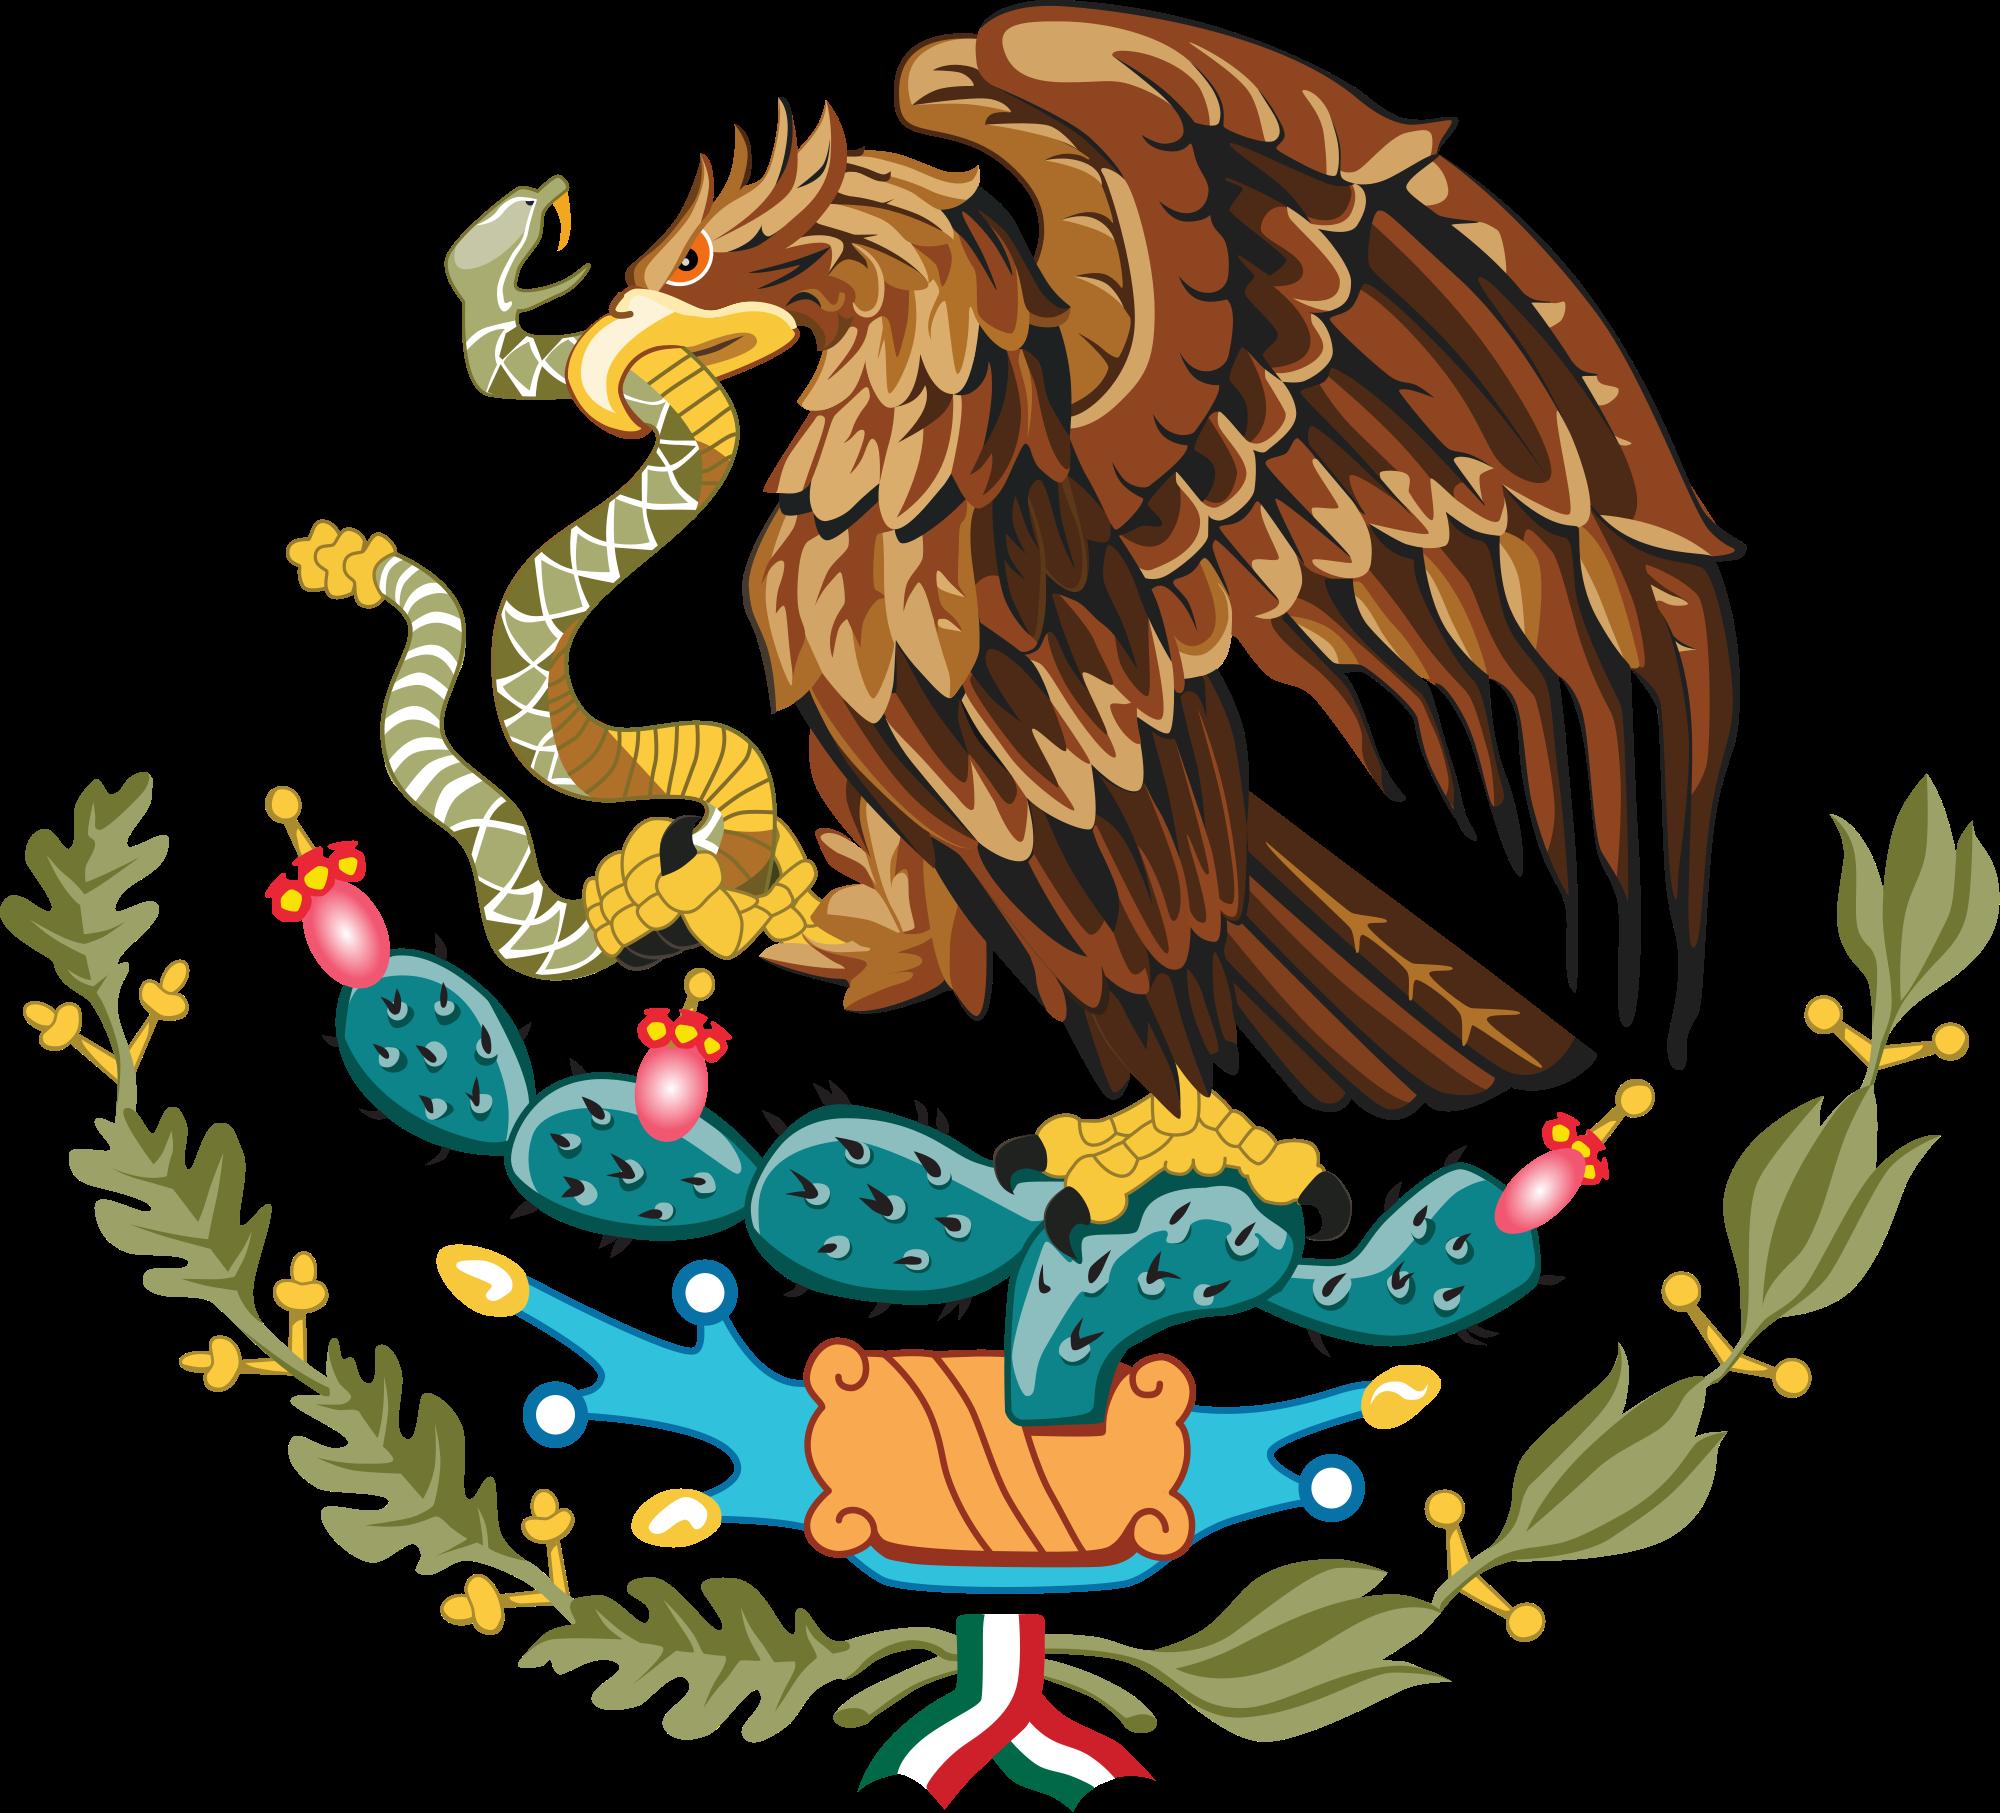 Meksikon vaakuna